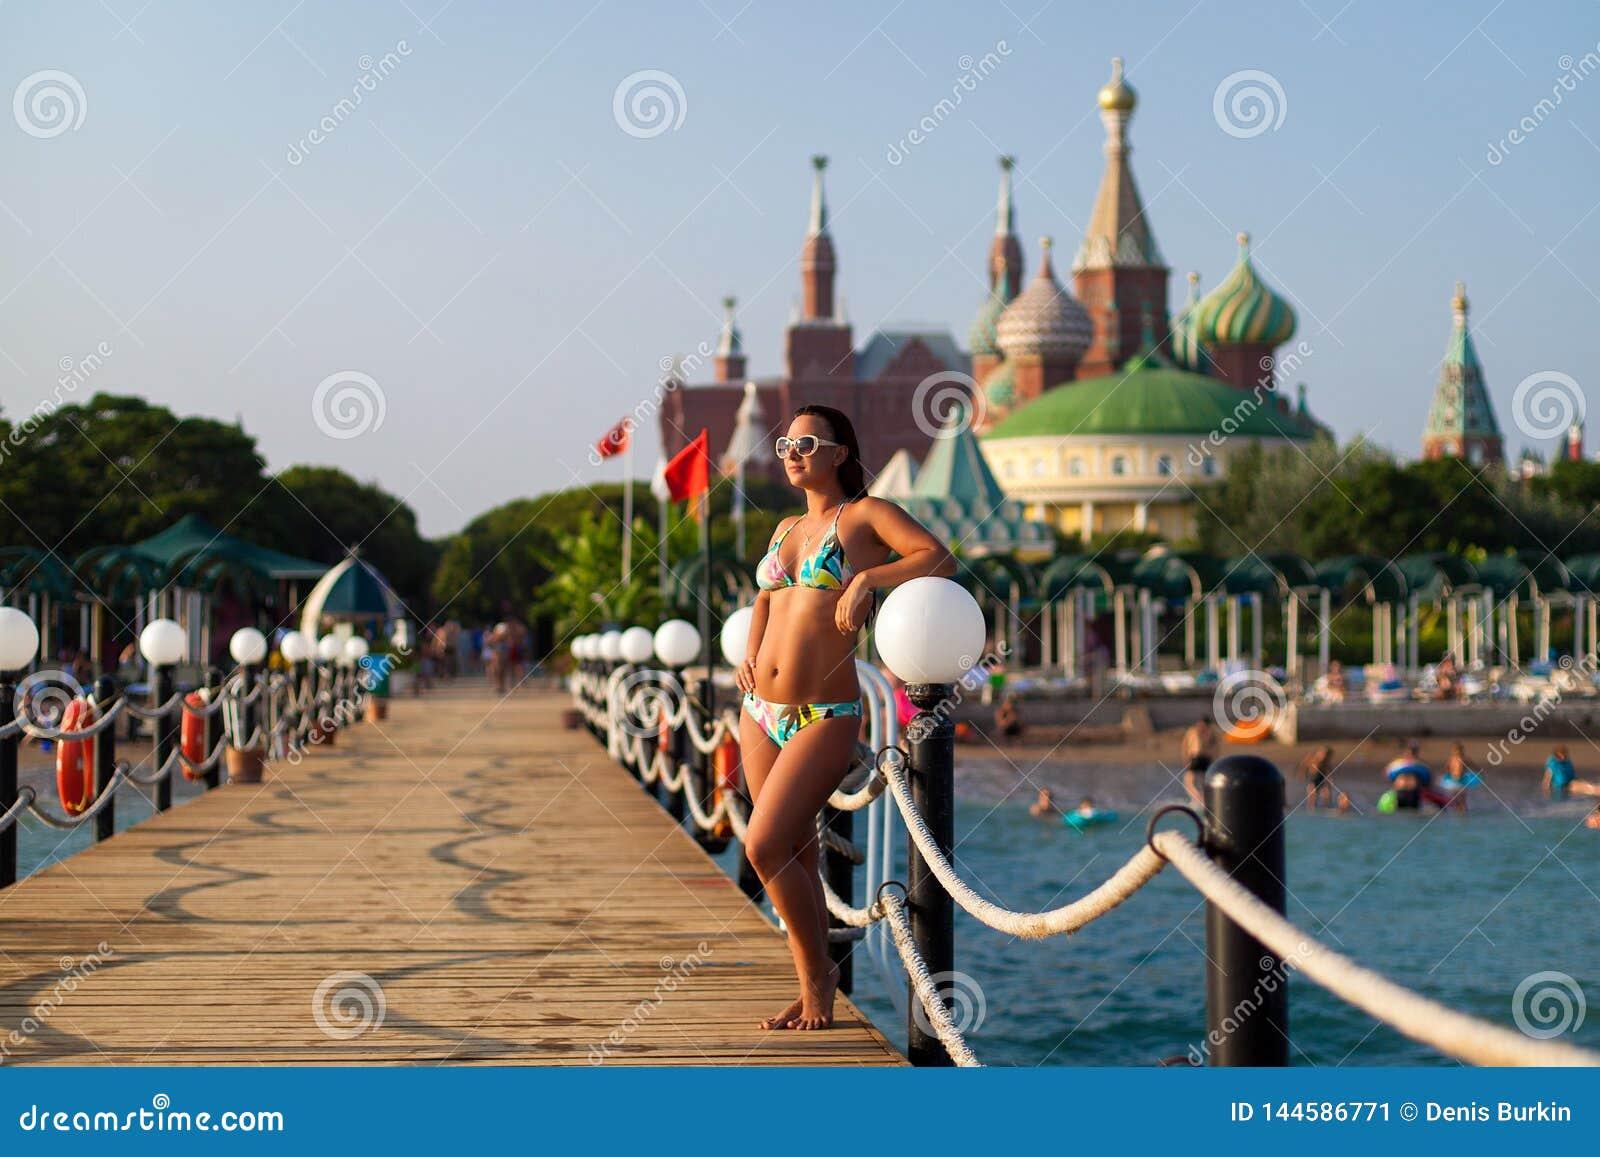 Ragazza in un costume da bagno sul pilastro sui precedenti dell hotel ragazza che posa sul pilastro di legno sulla spiaggia, cont